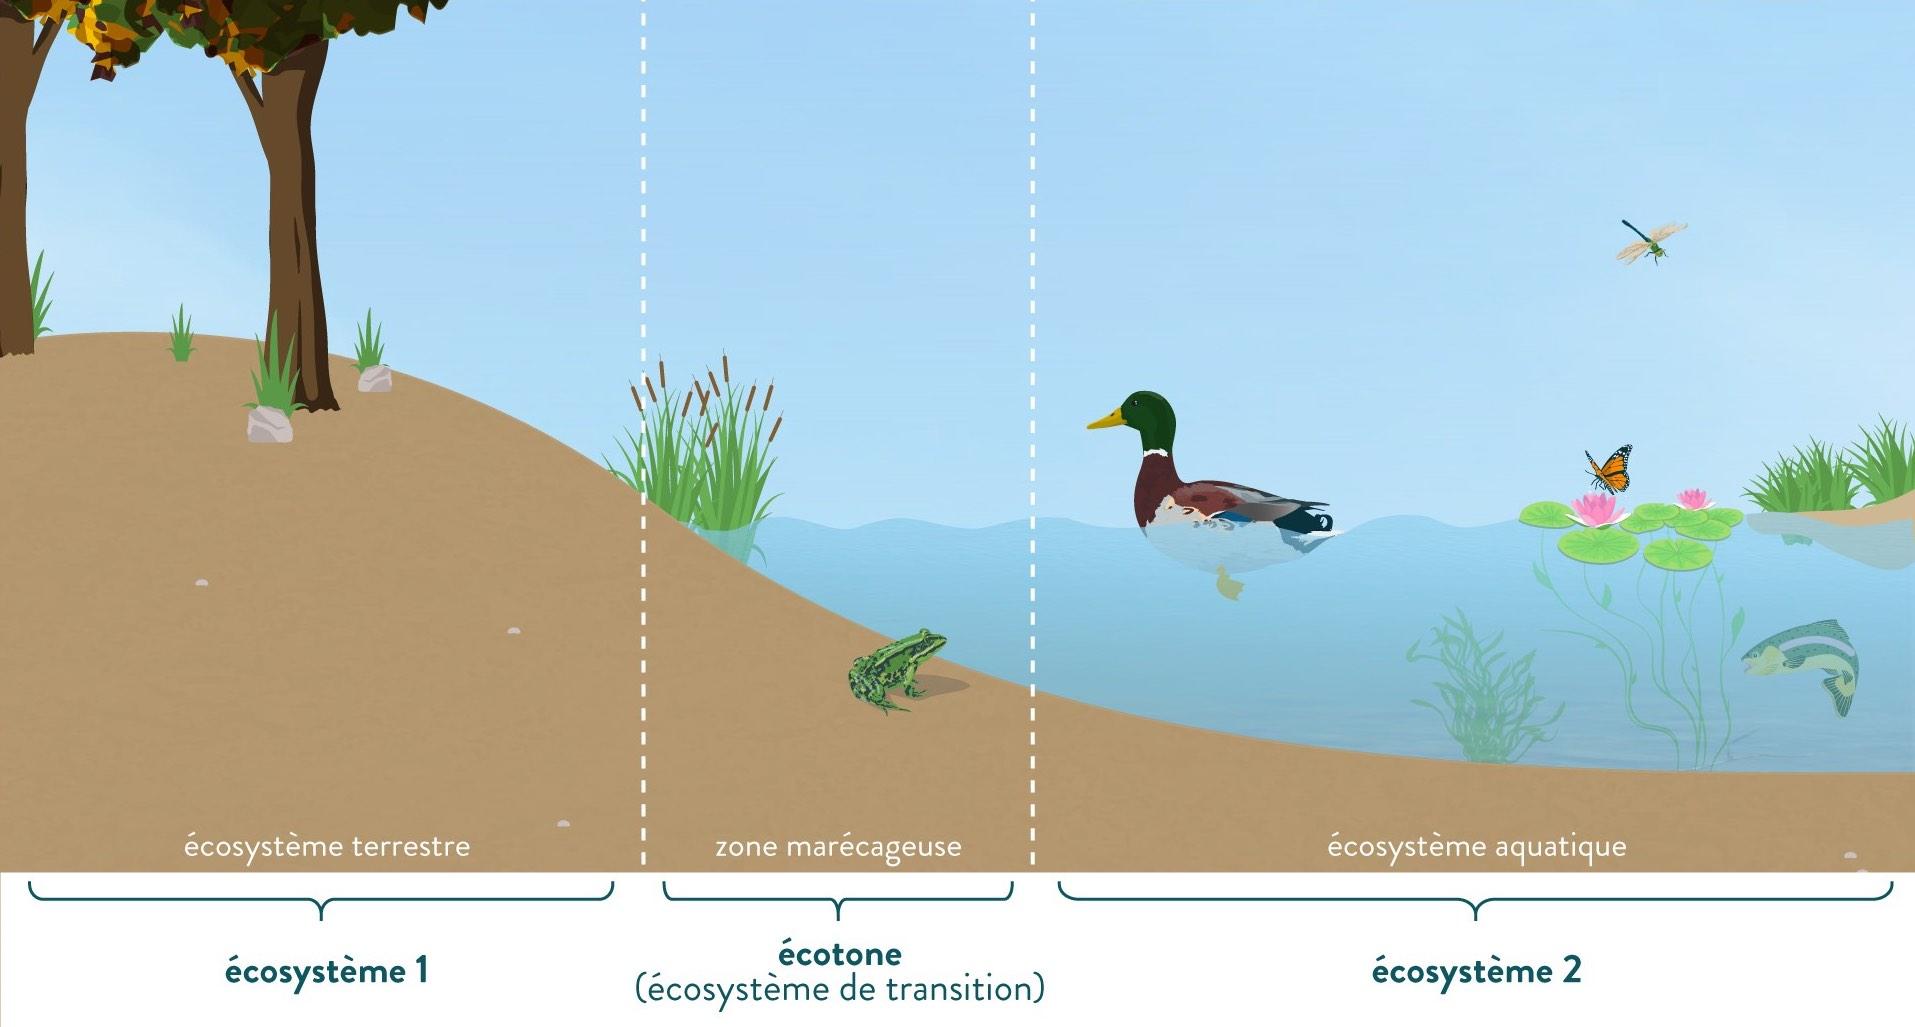 berge écotone écosystème